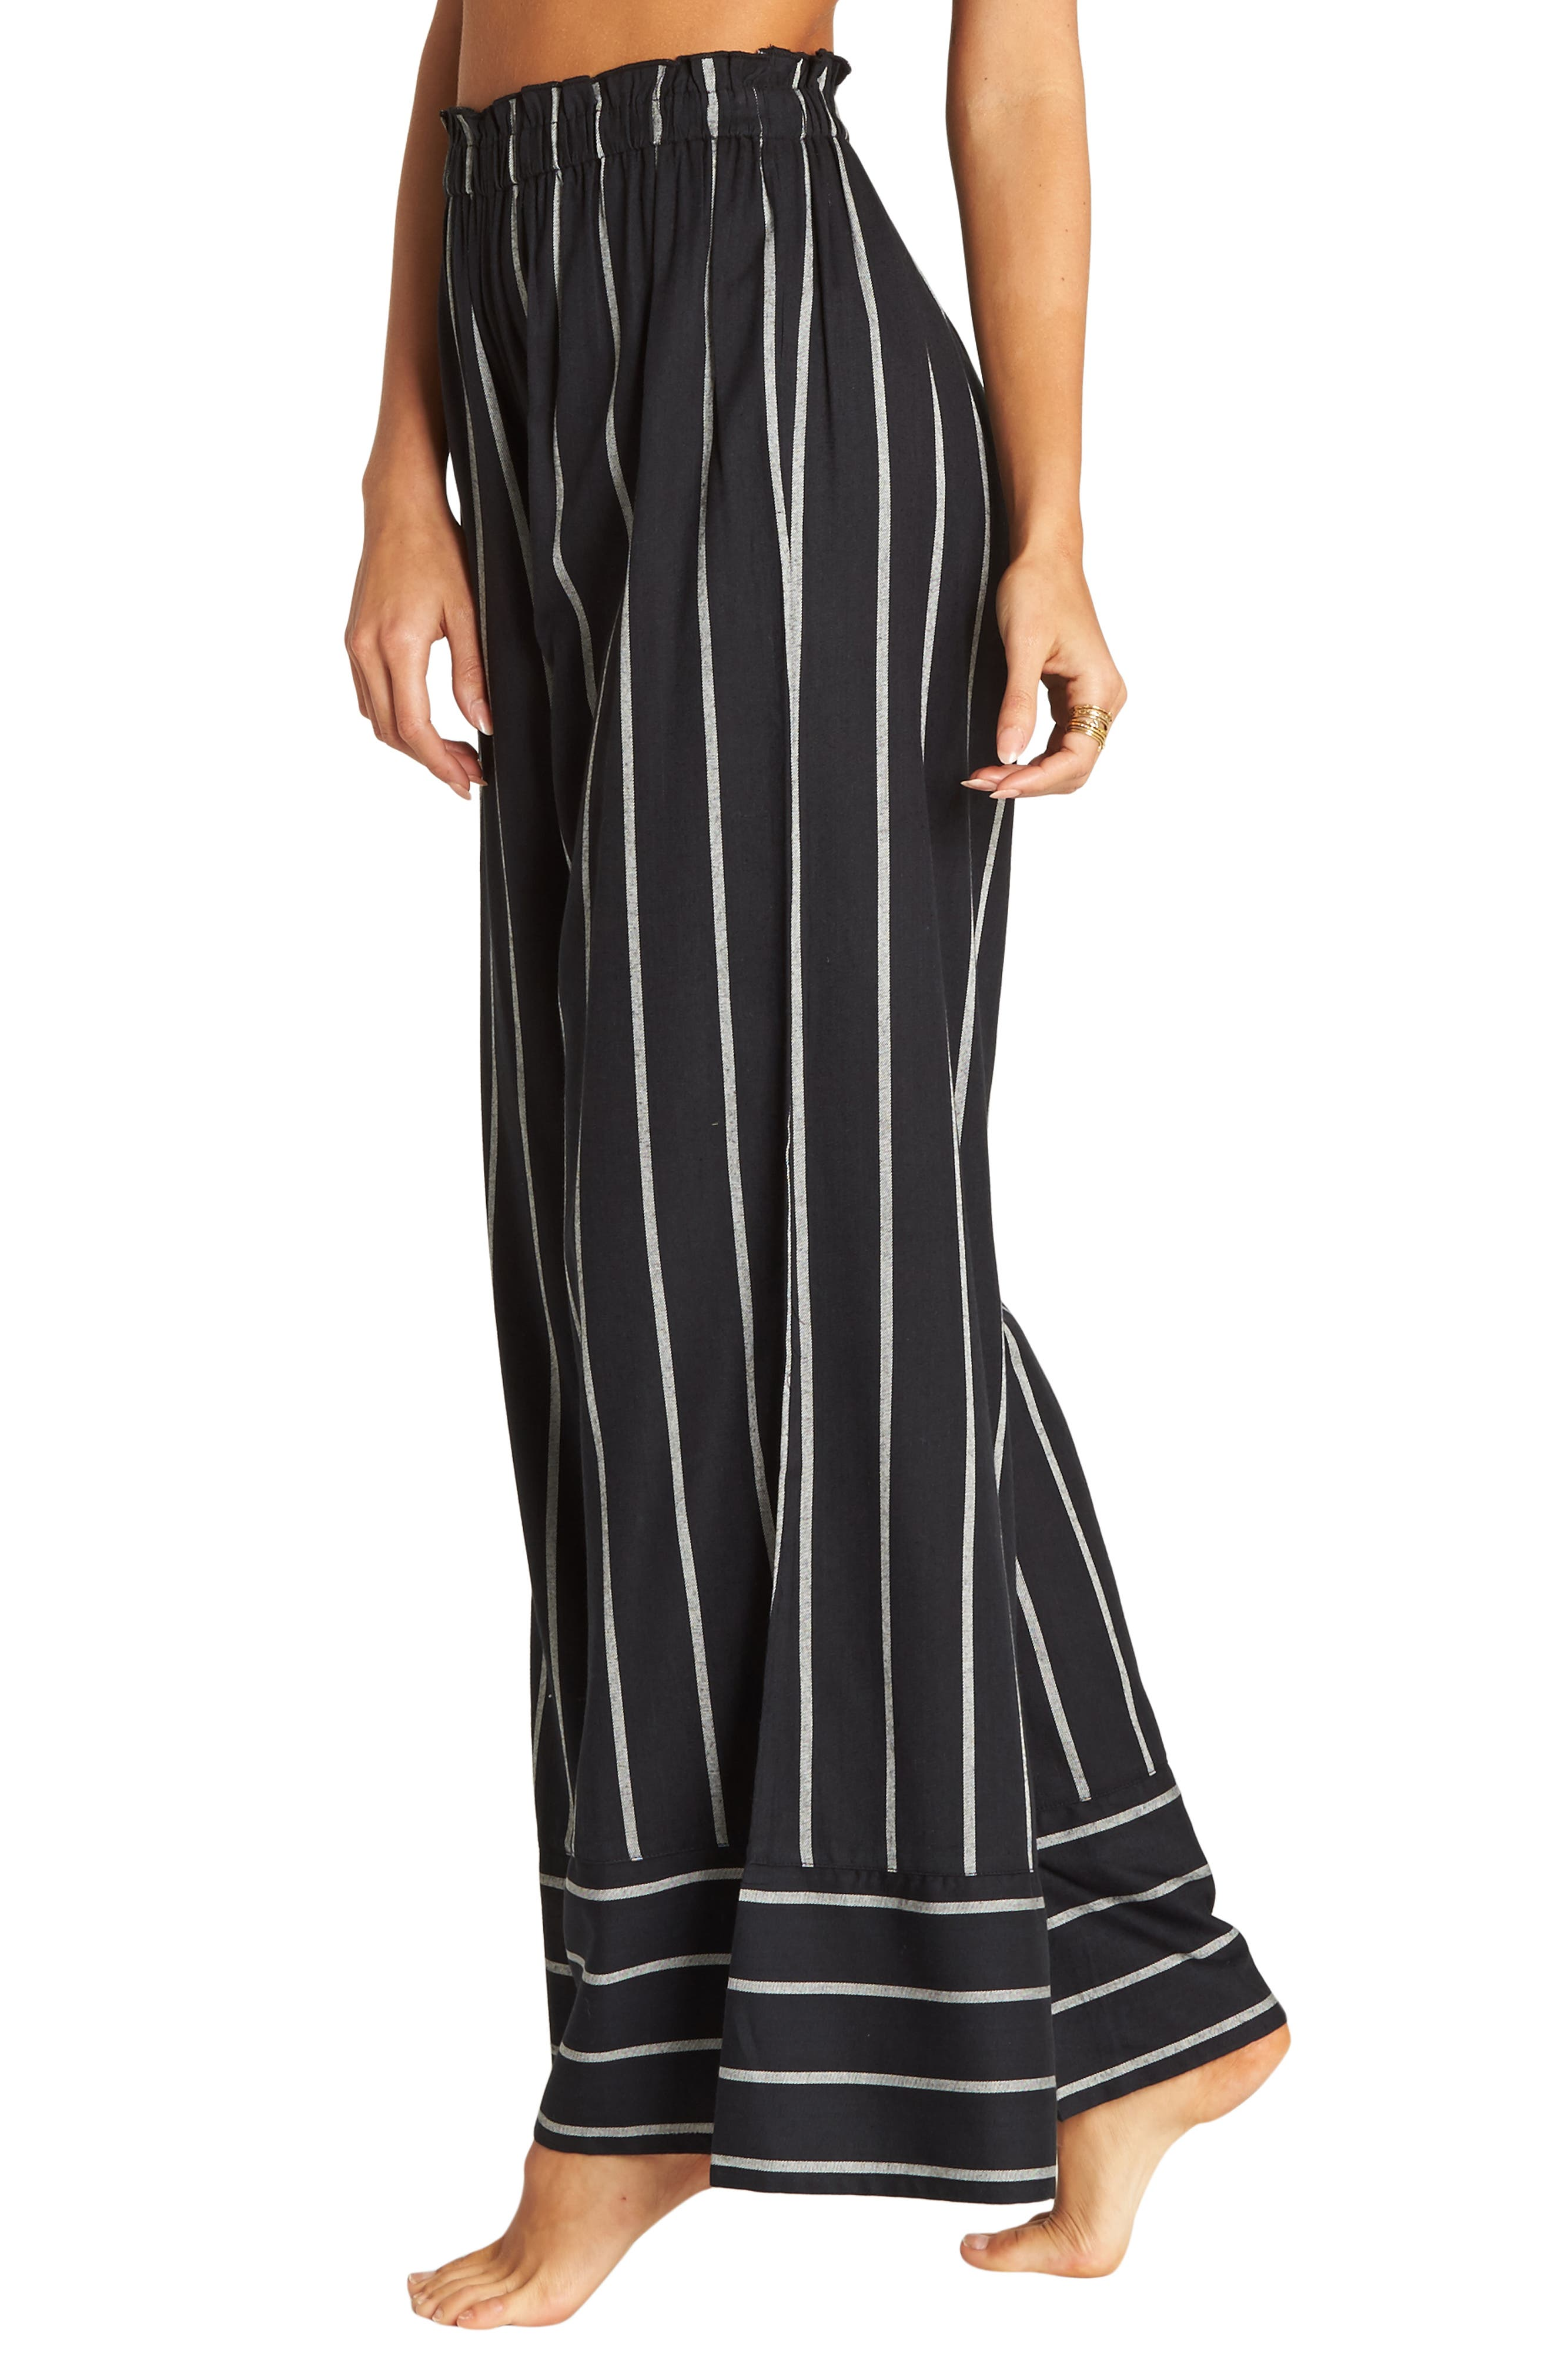 BILLABONG Flip Out Stripe Wide Leg Pants, Main, color, BLACK